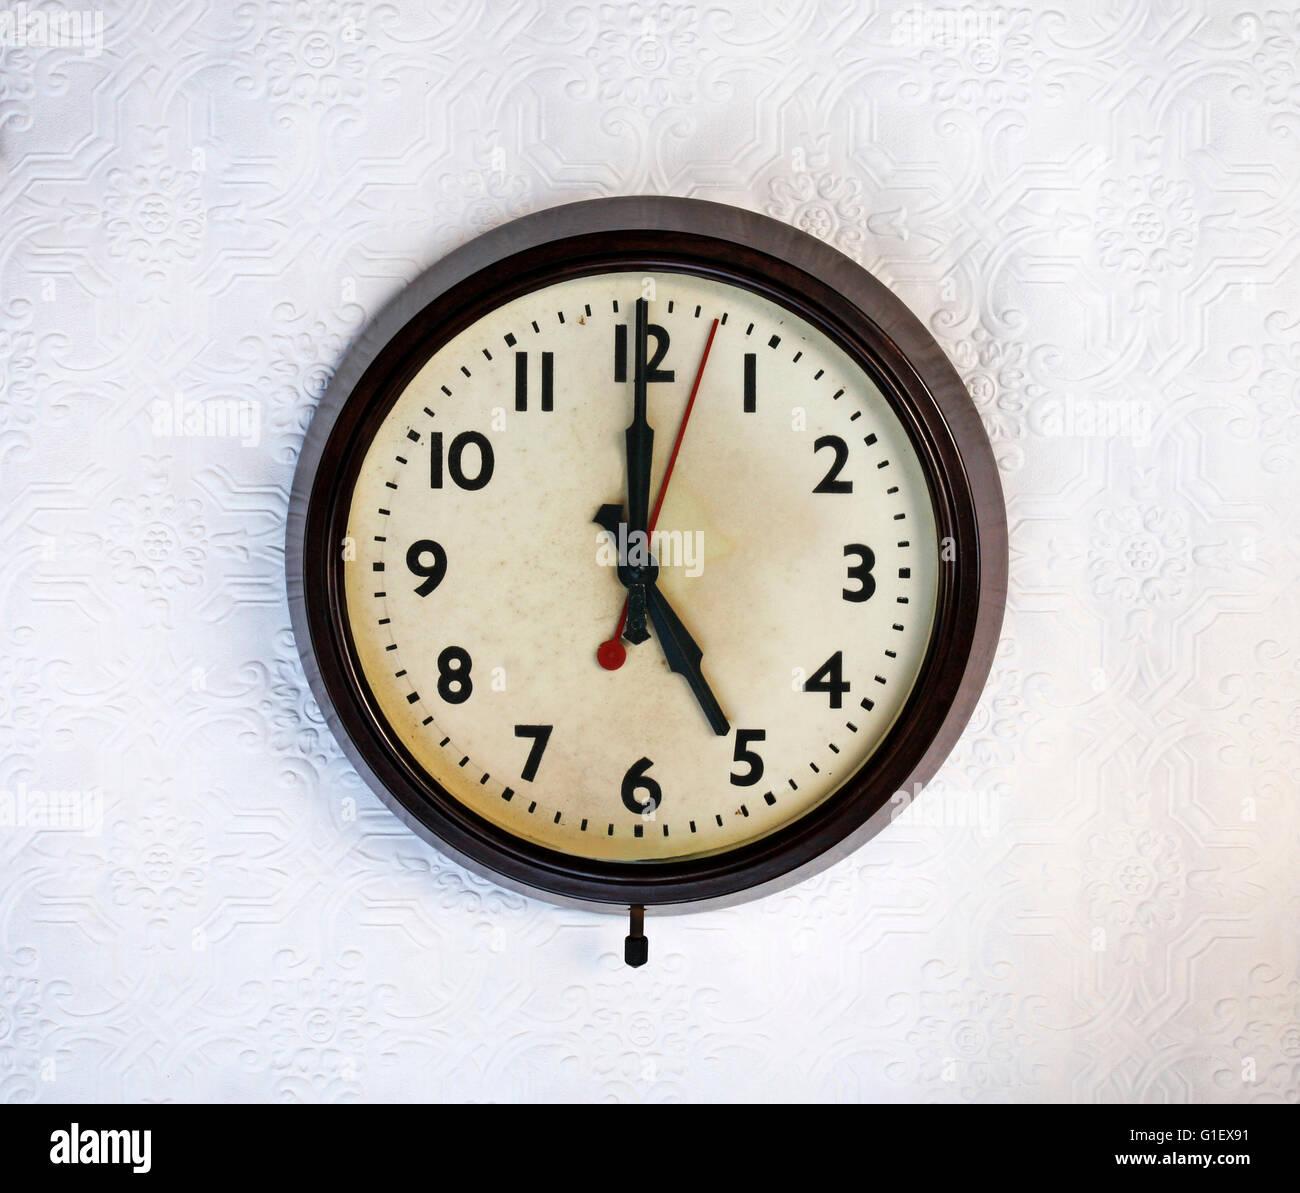 Bakelite vintage wall clock - Stock Image